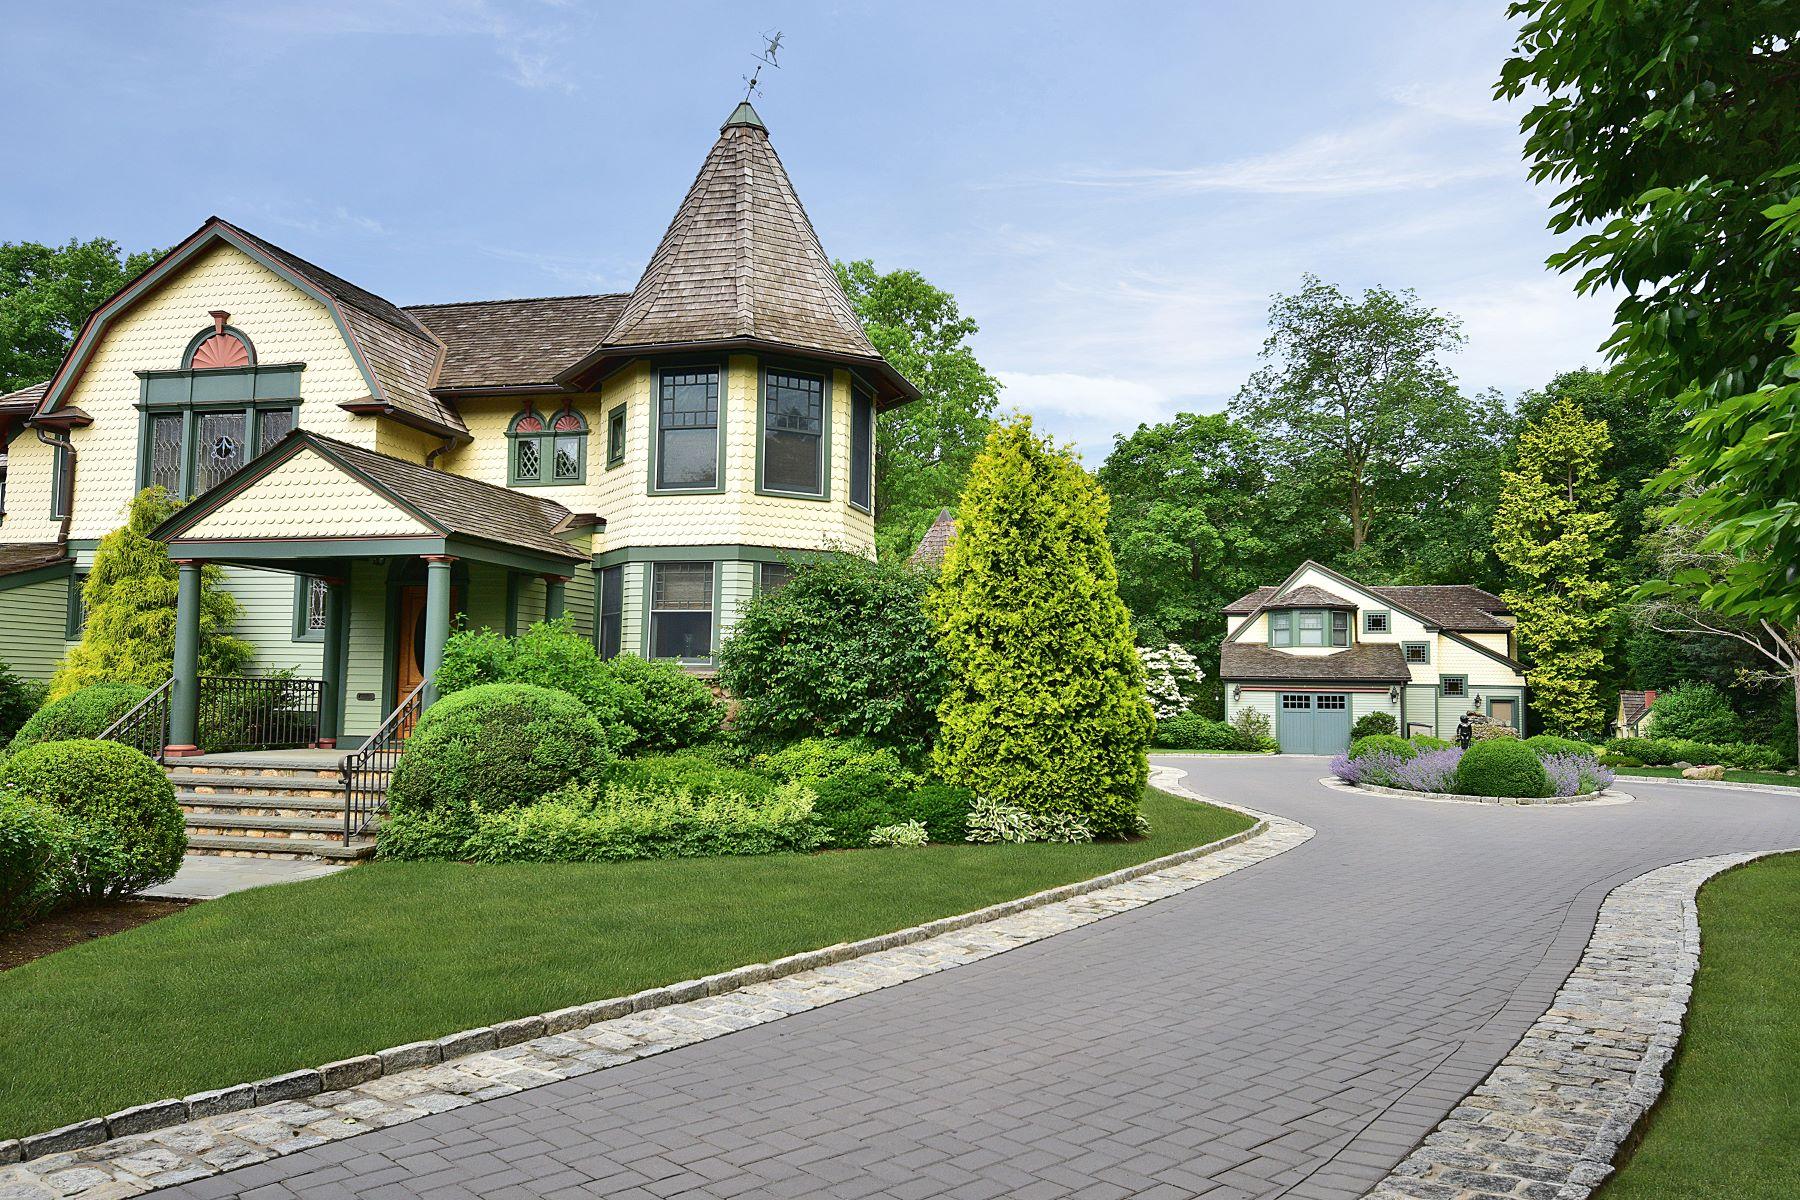 Casa Unifamiliar por un Alquiler en 981 Orienta Ave 981 Orienta Ave A Mamaroneck, Nueva York 10543 Estados Unidos